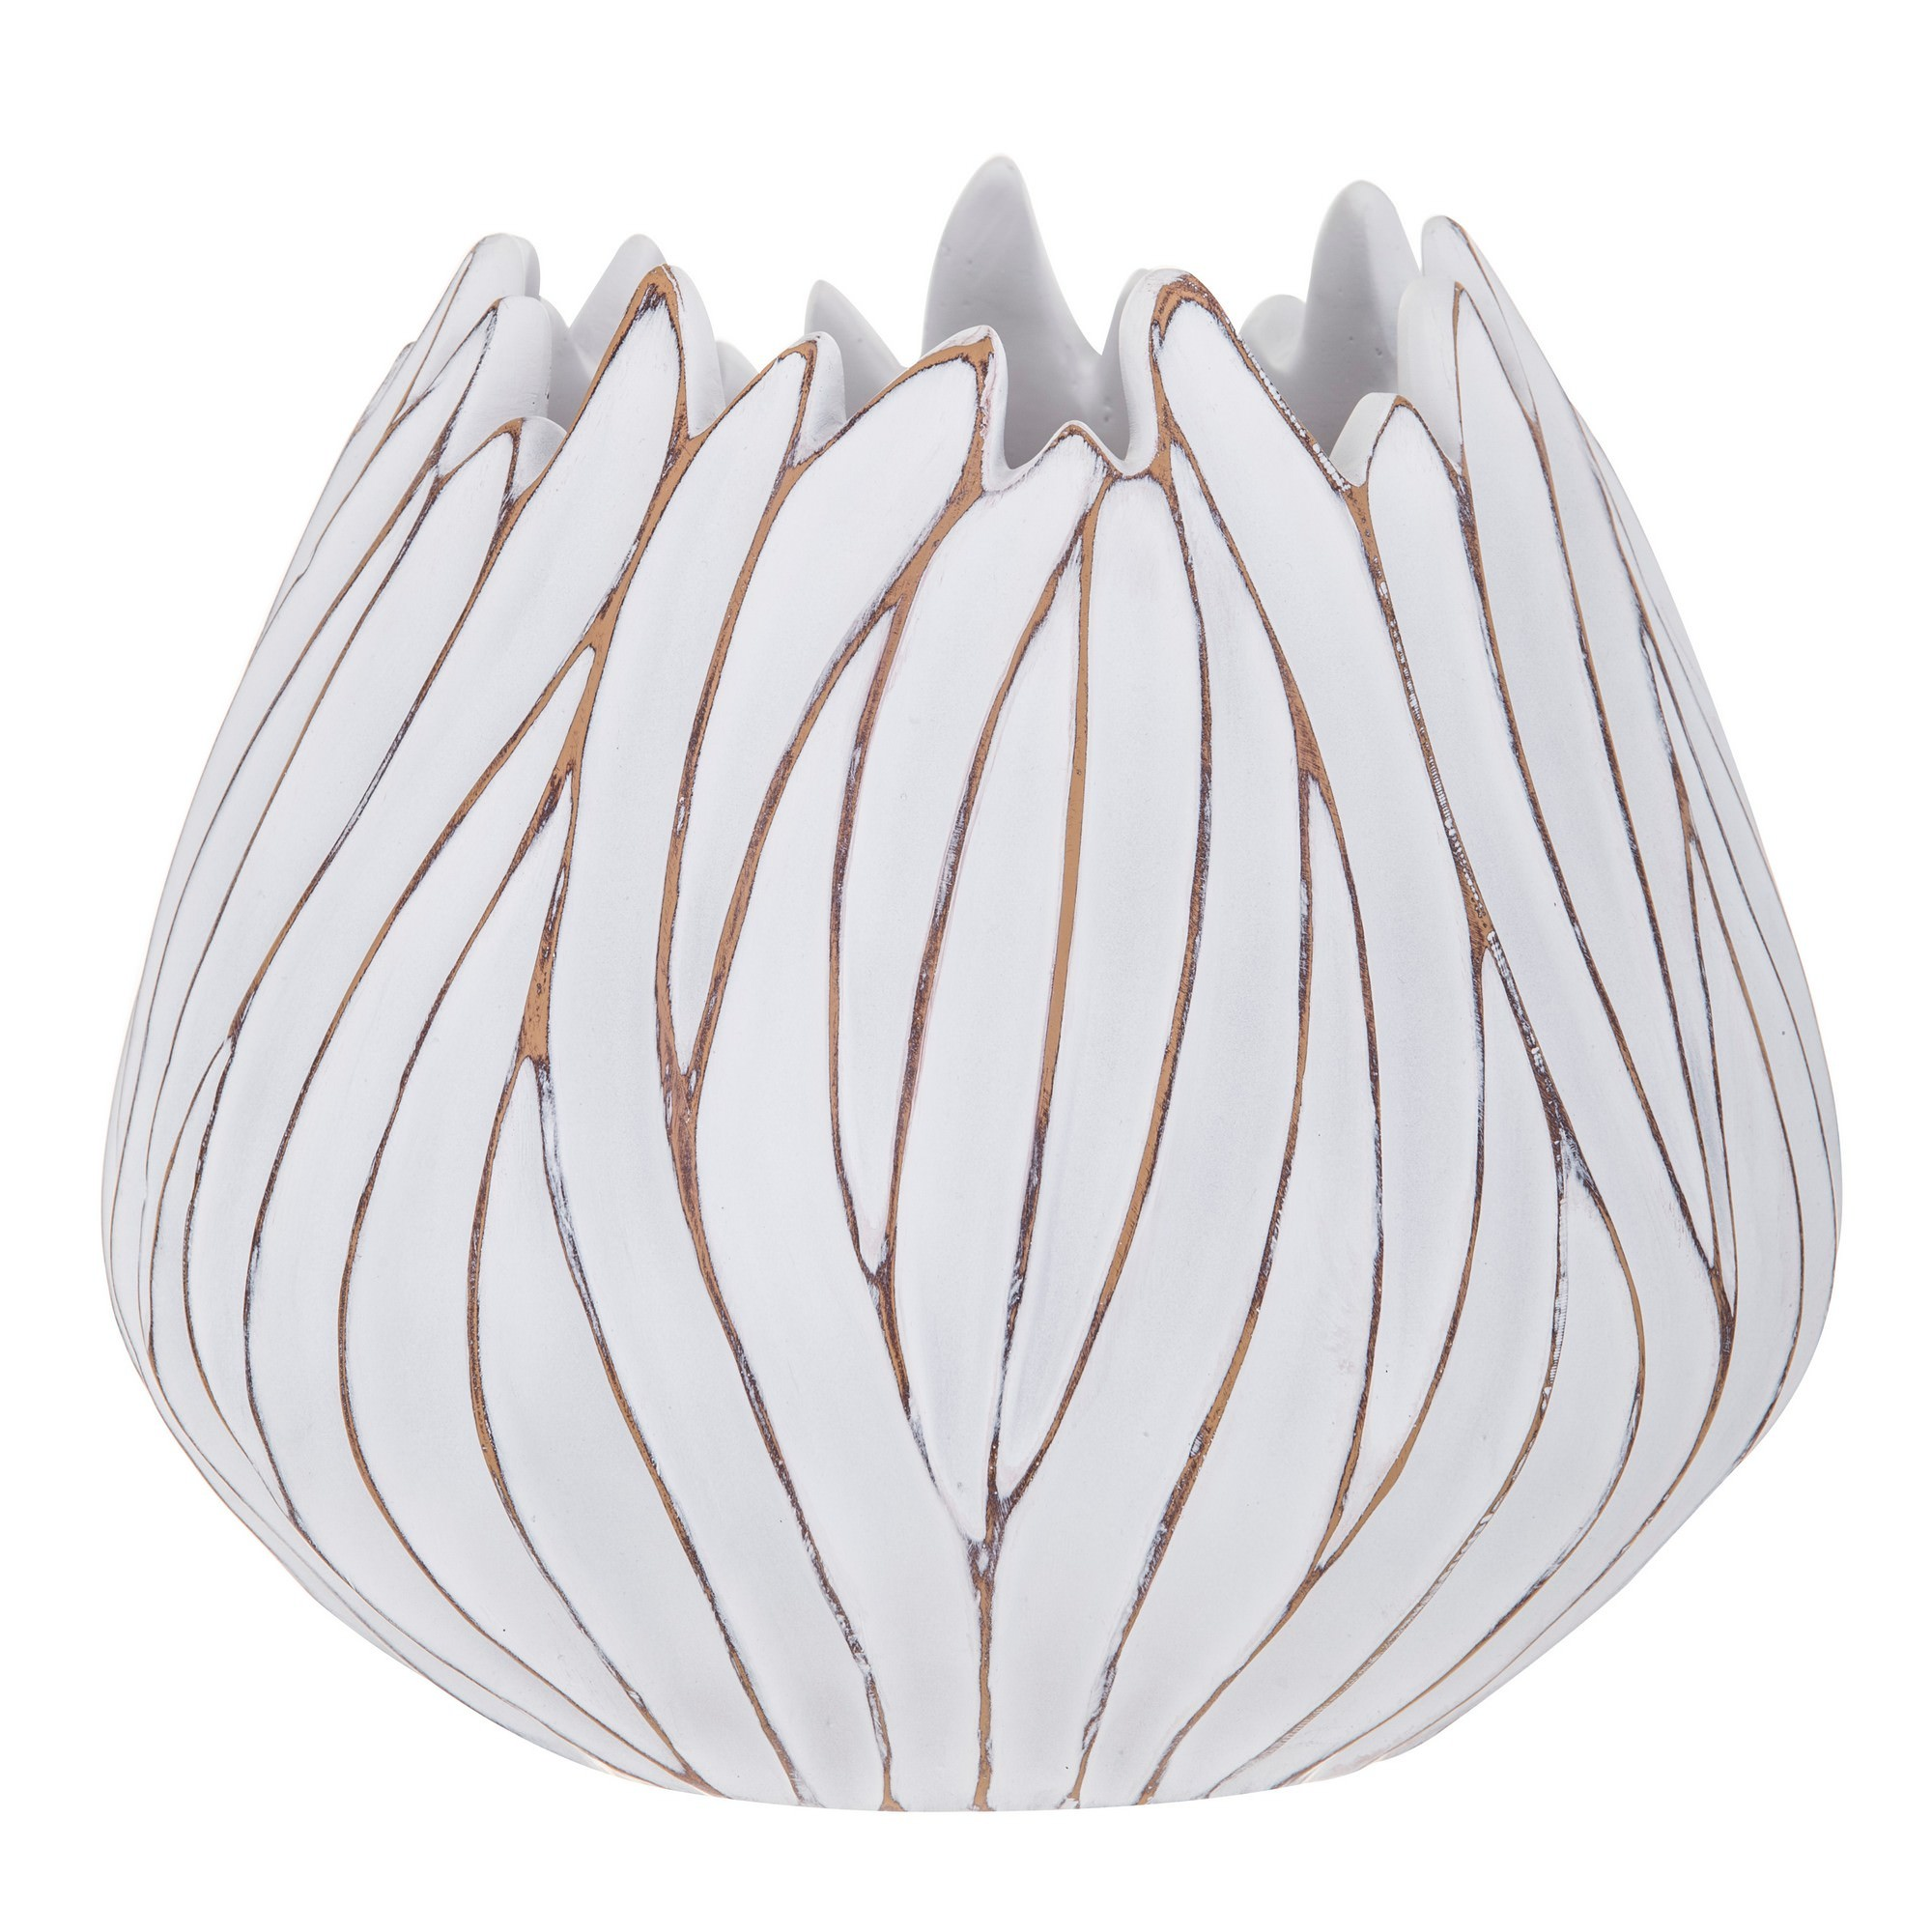 Tabbart Vase, Medium